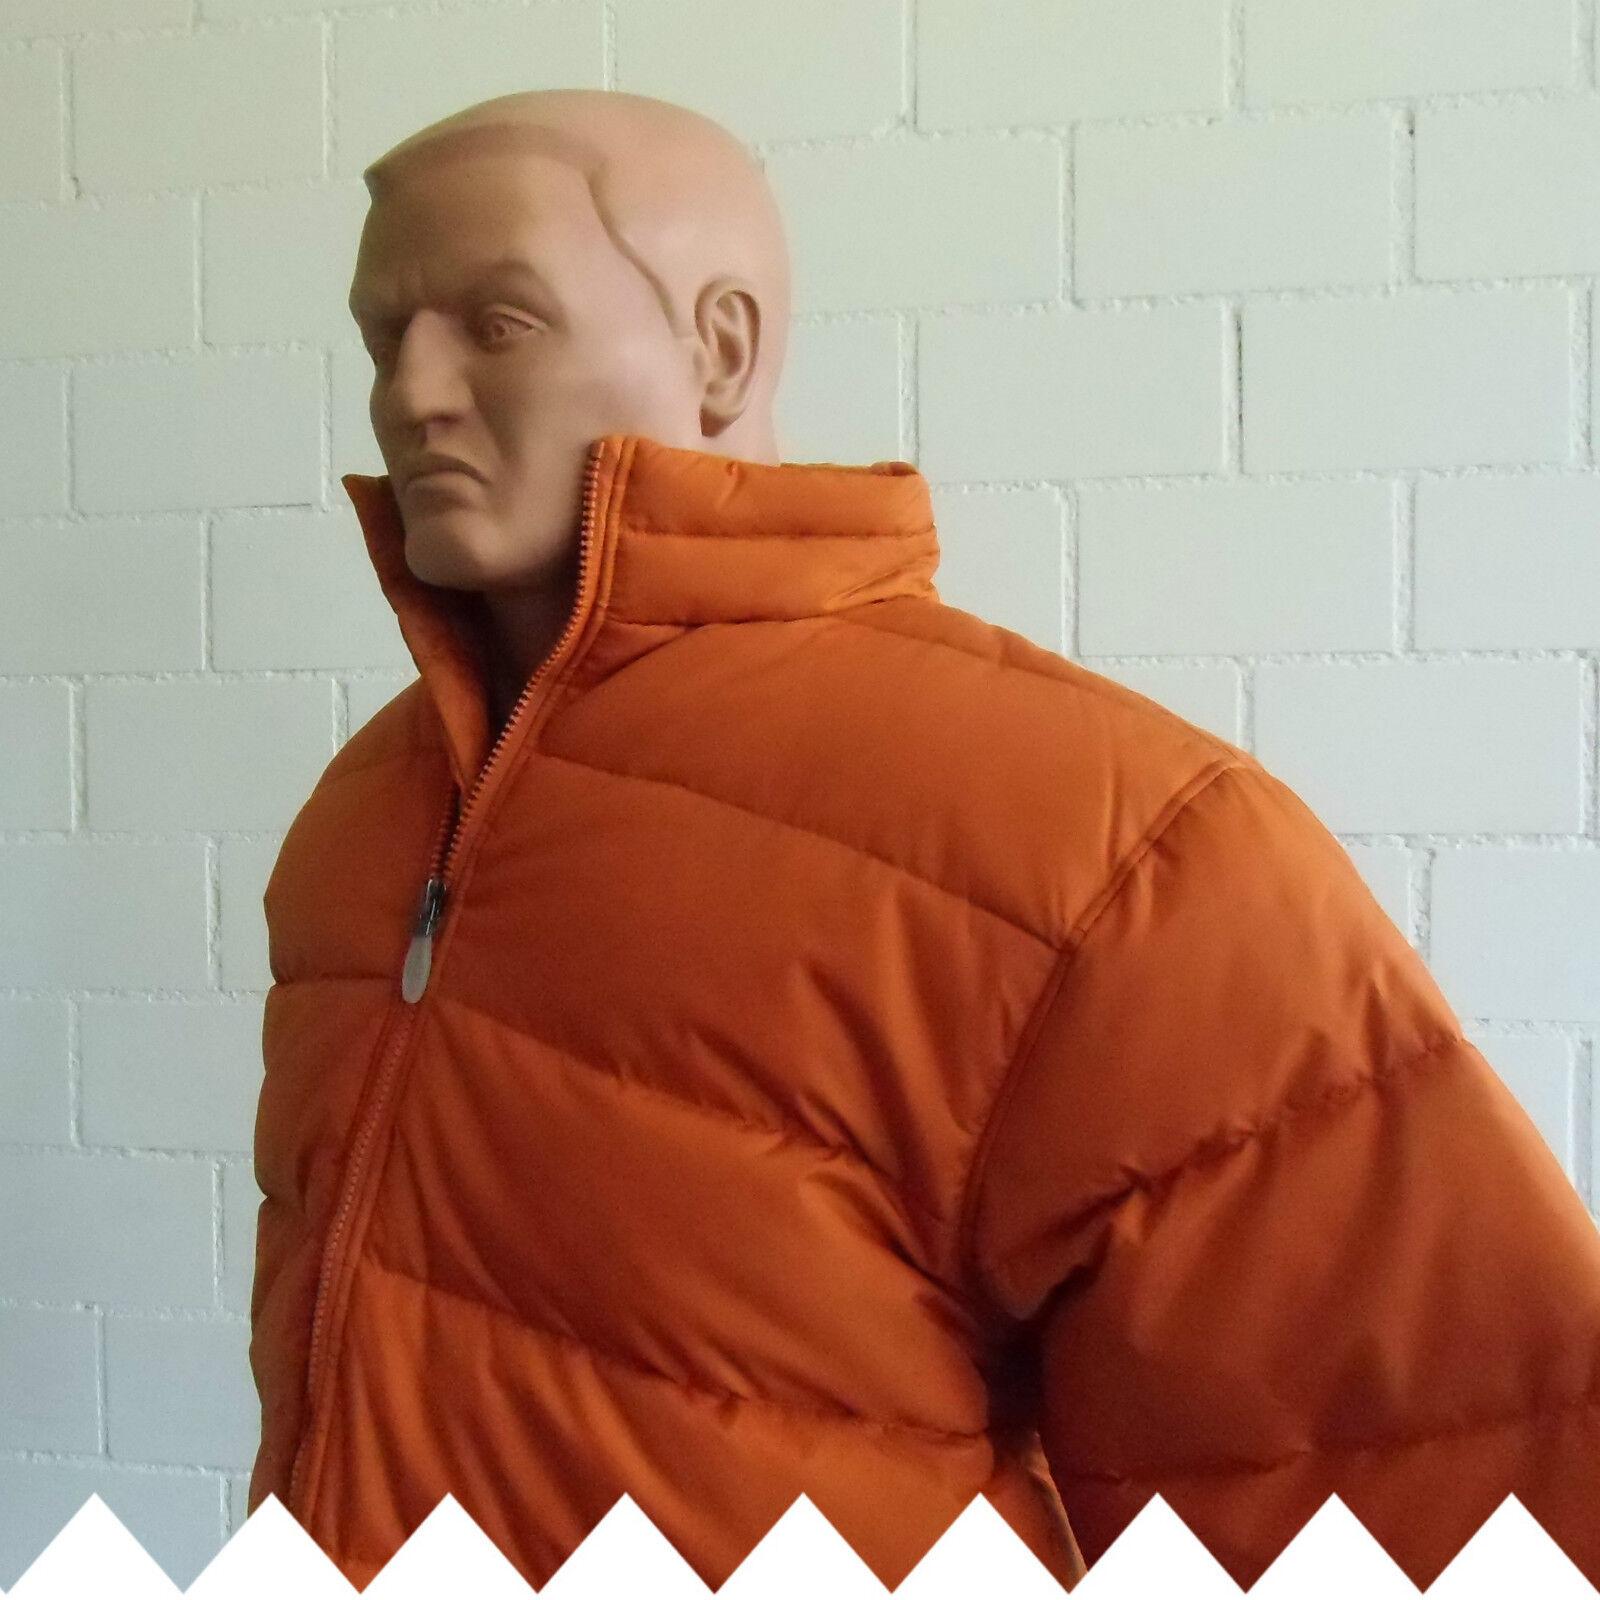 Echt DAUNEN-Jacke von SWITCHER►sehr warm►Sonderpreis, da nur noch wenige Grössen